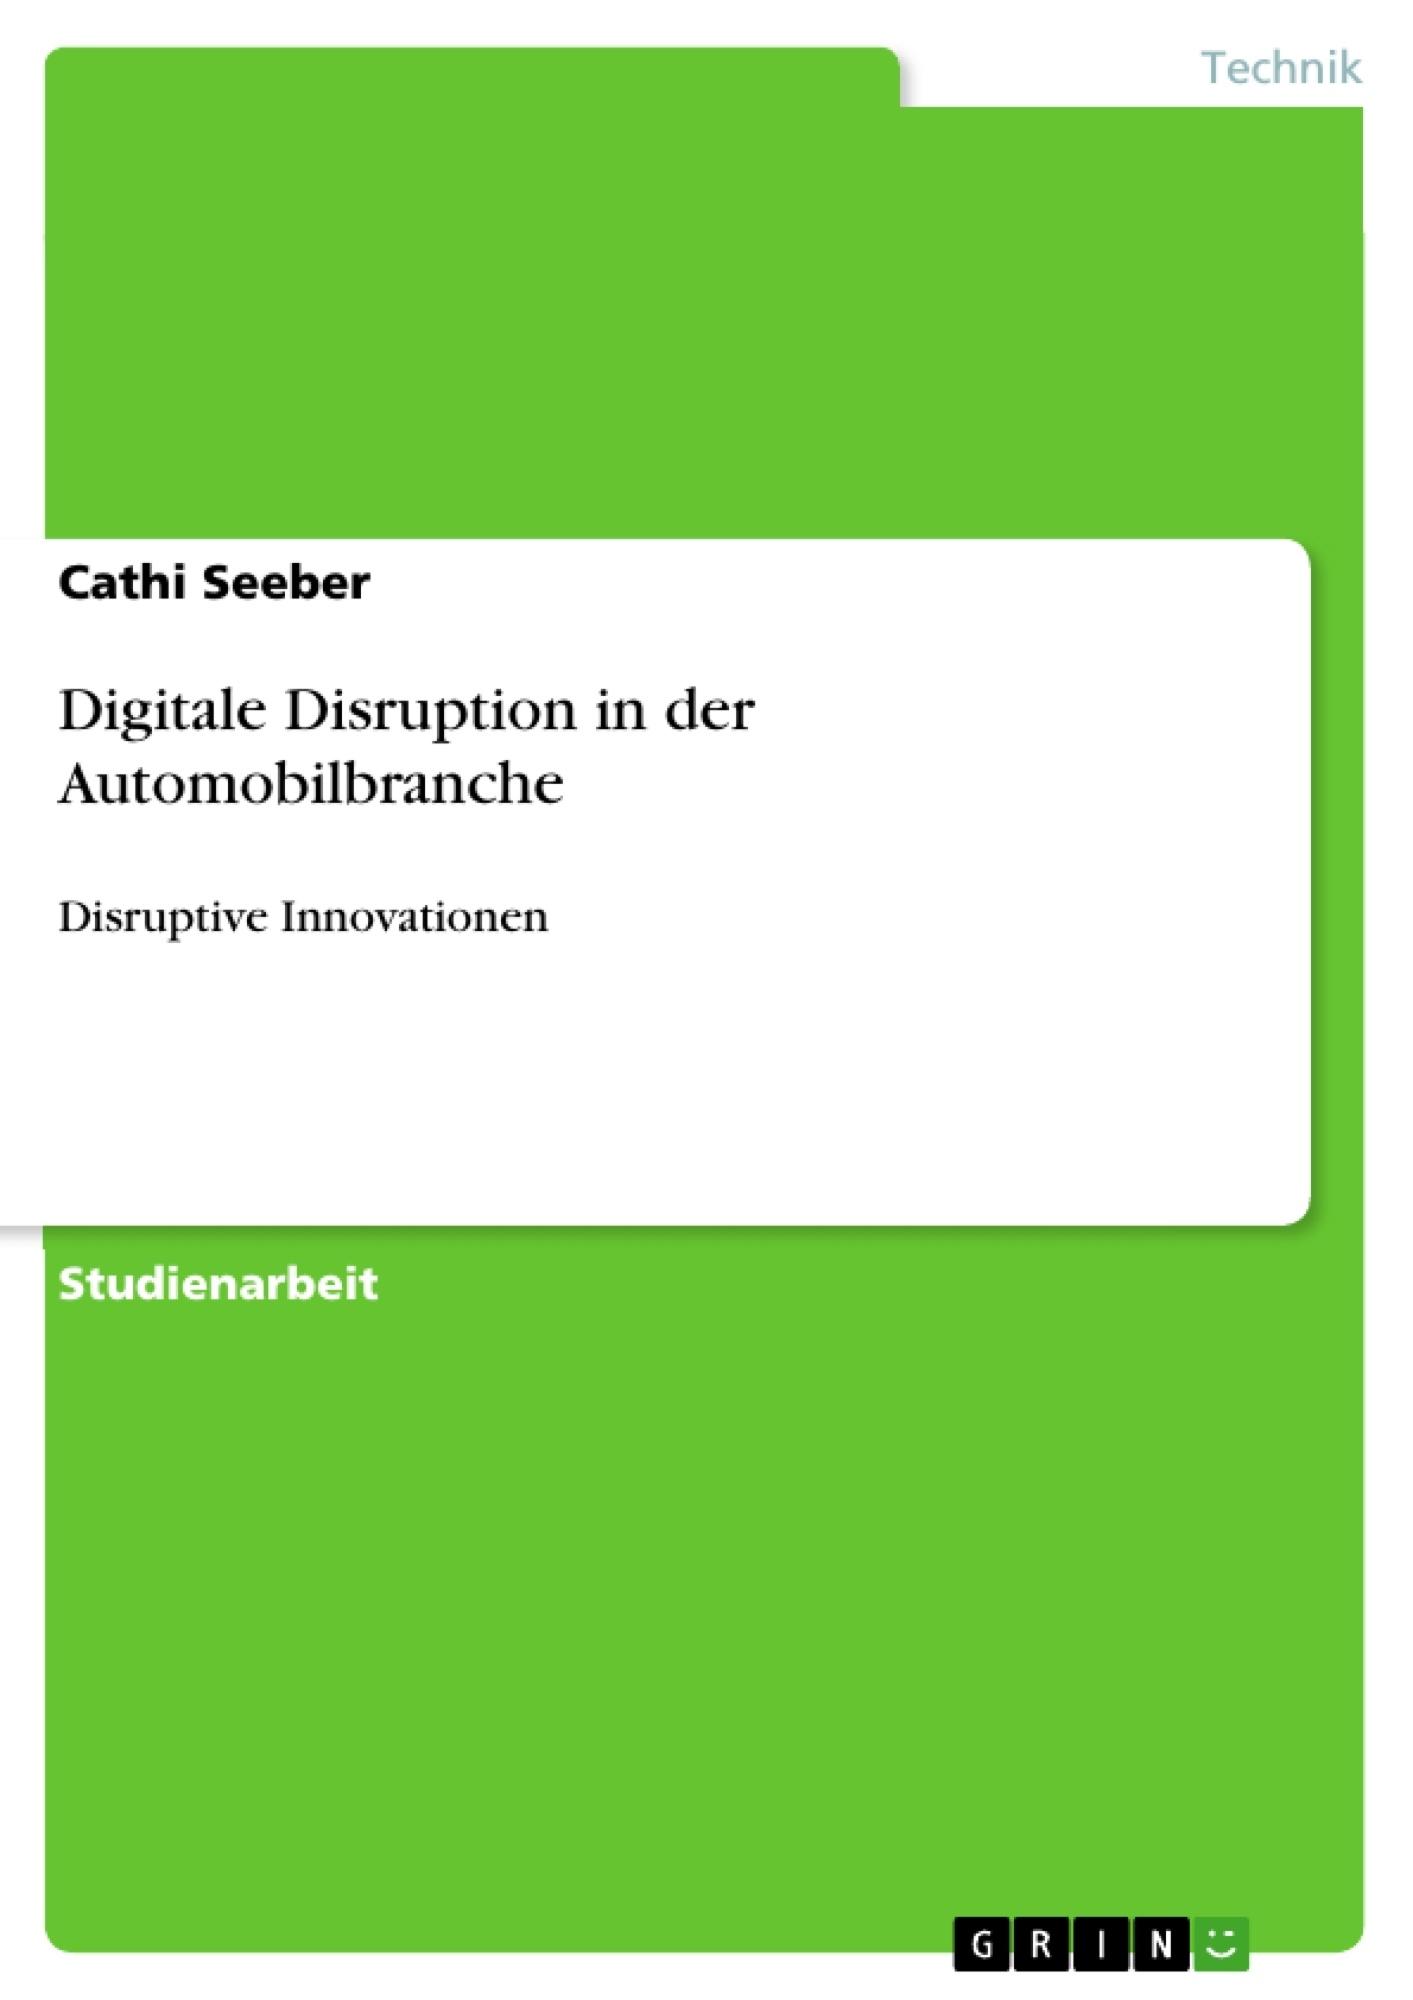 Titel: Digitale Disruption in der Automobilbranche